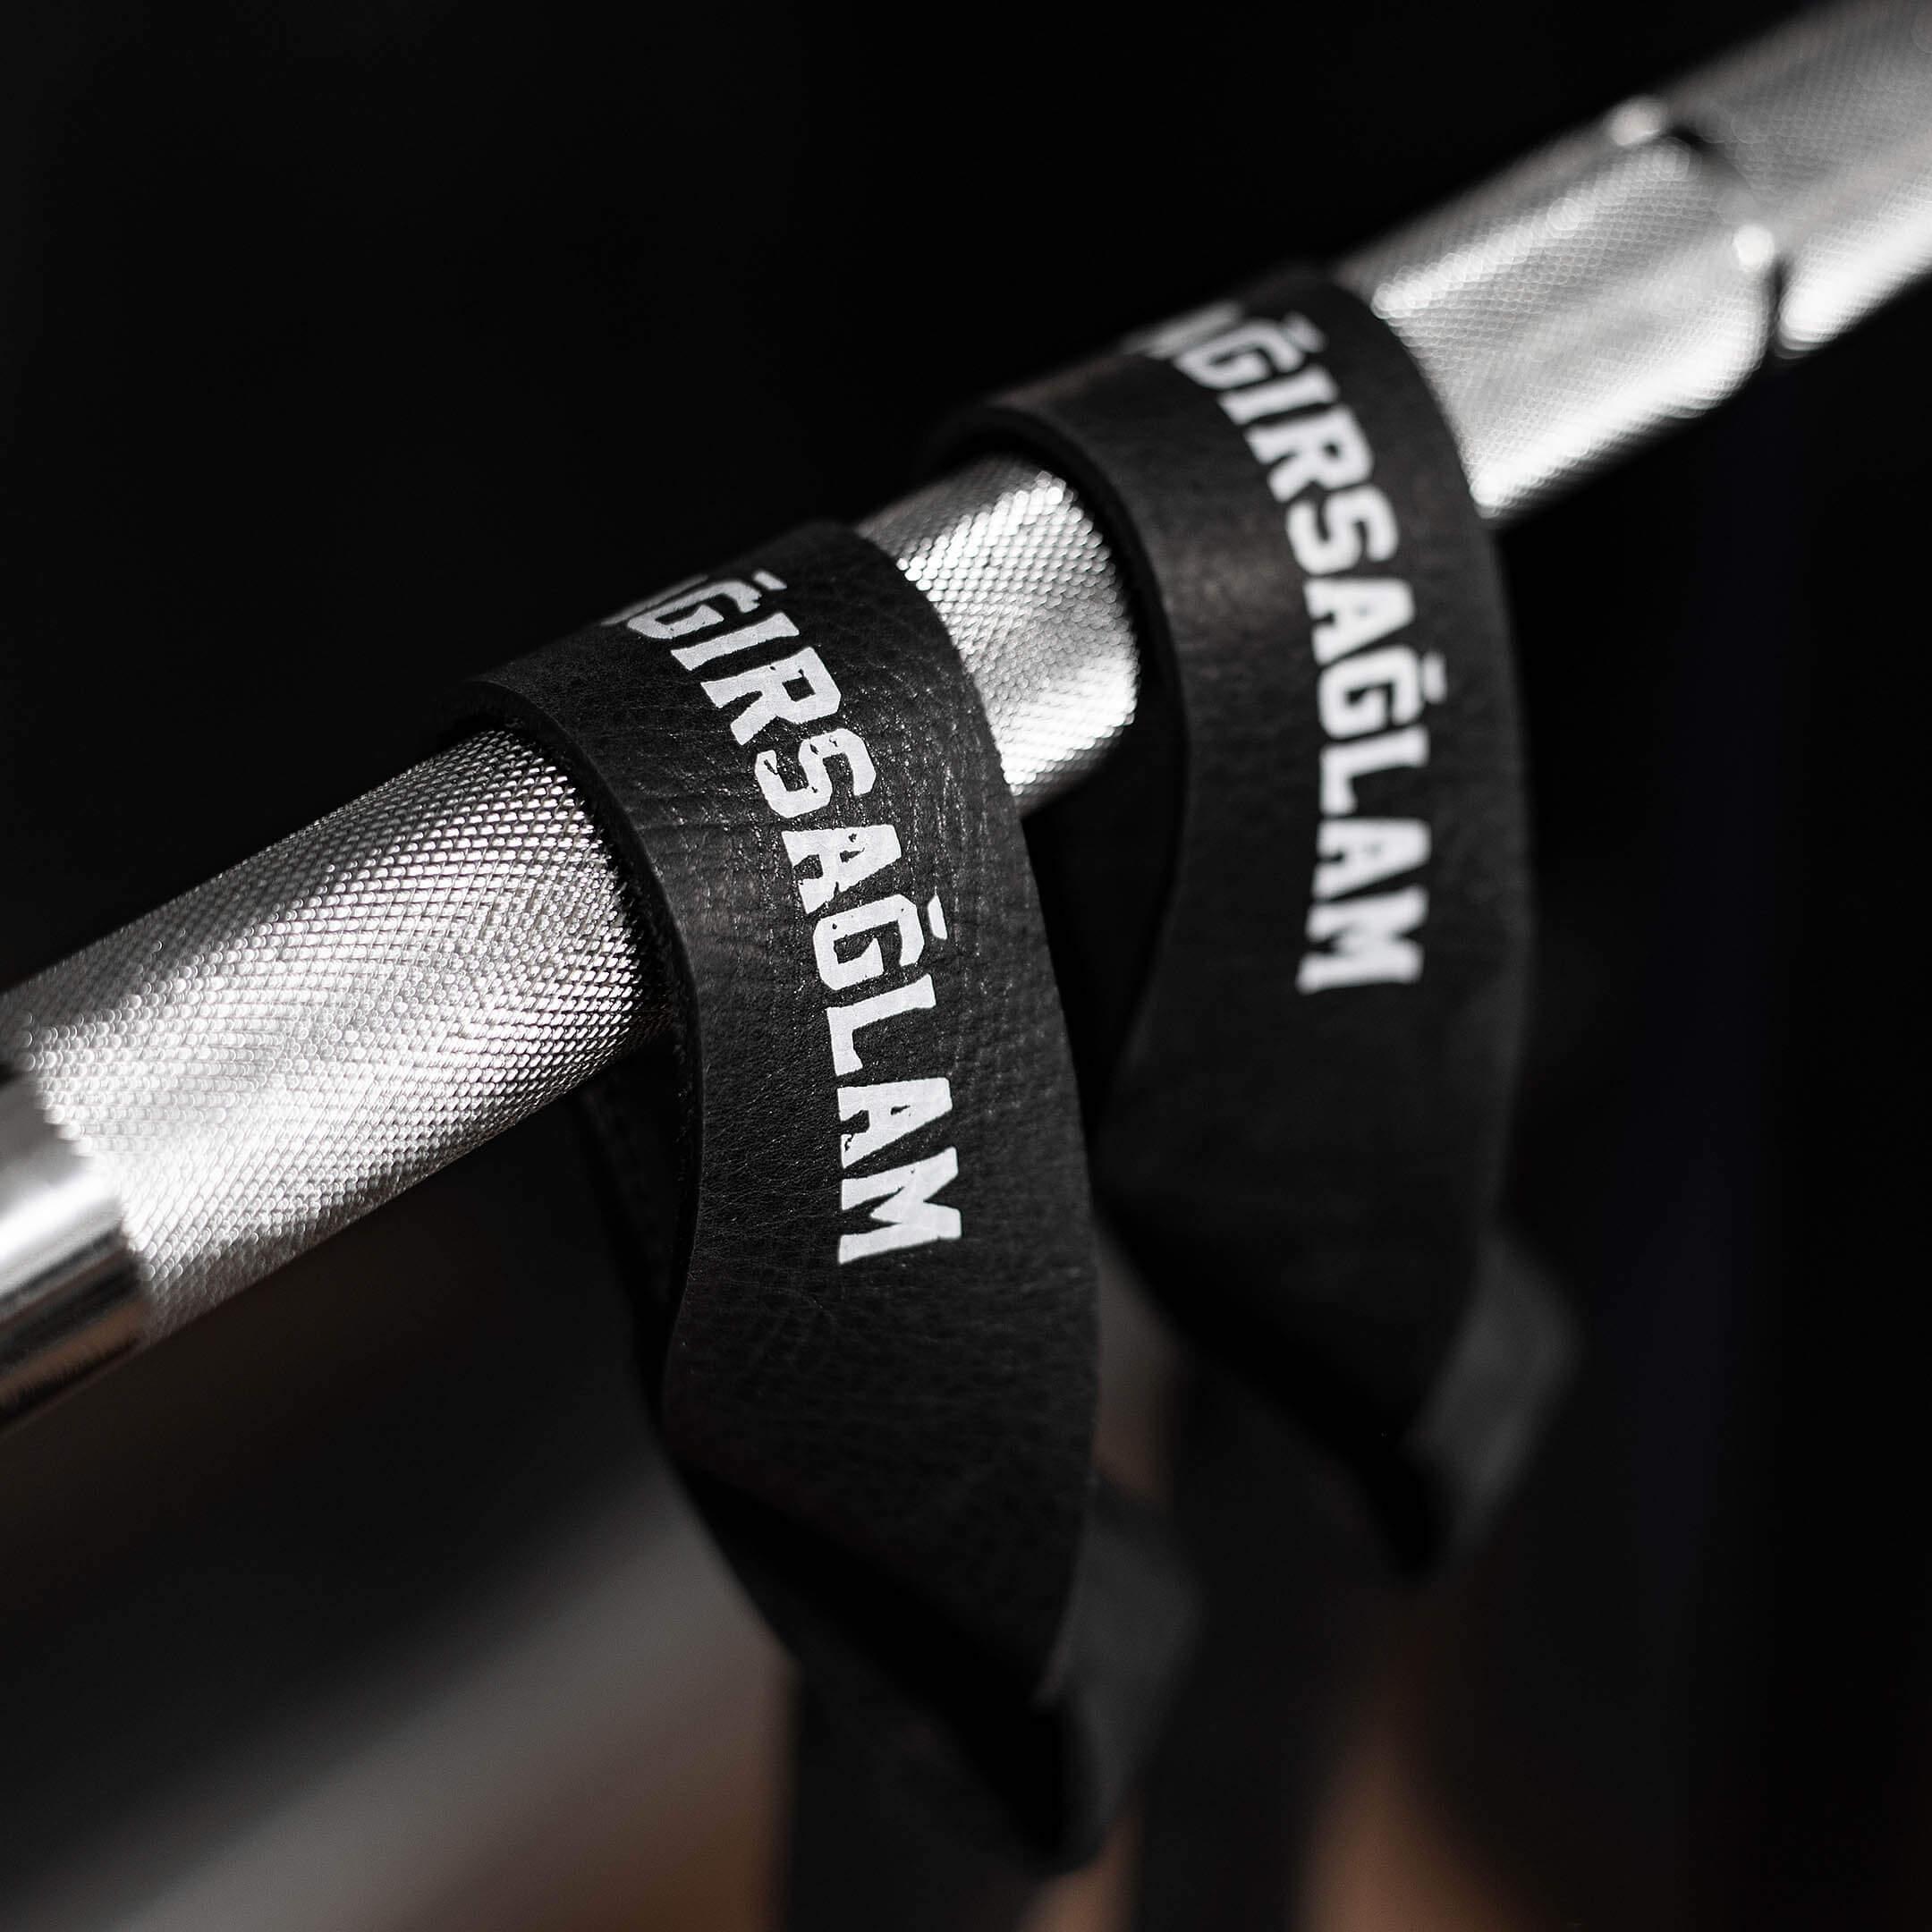 deri lifting strap bilek kayışları ile daha ağır deadlift yapın